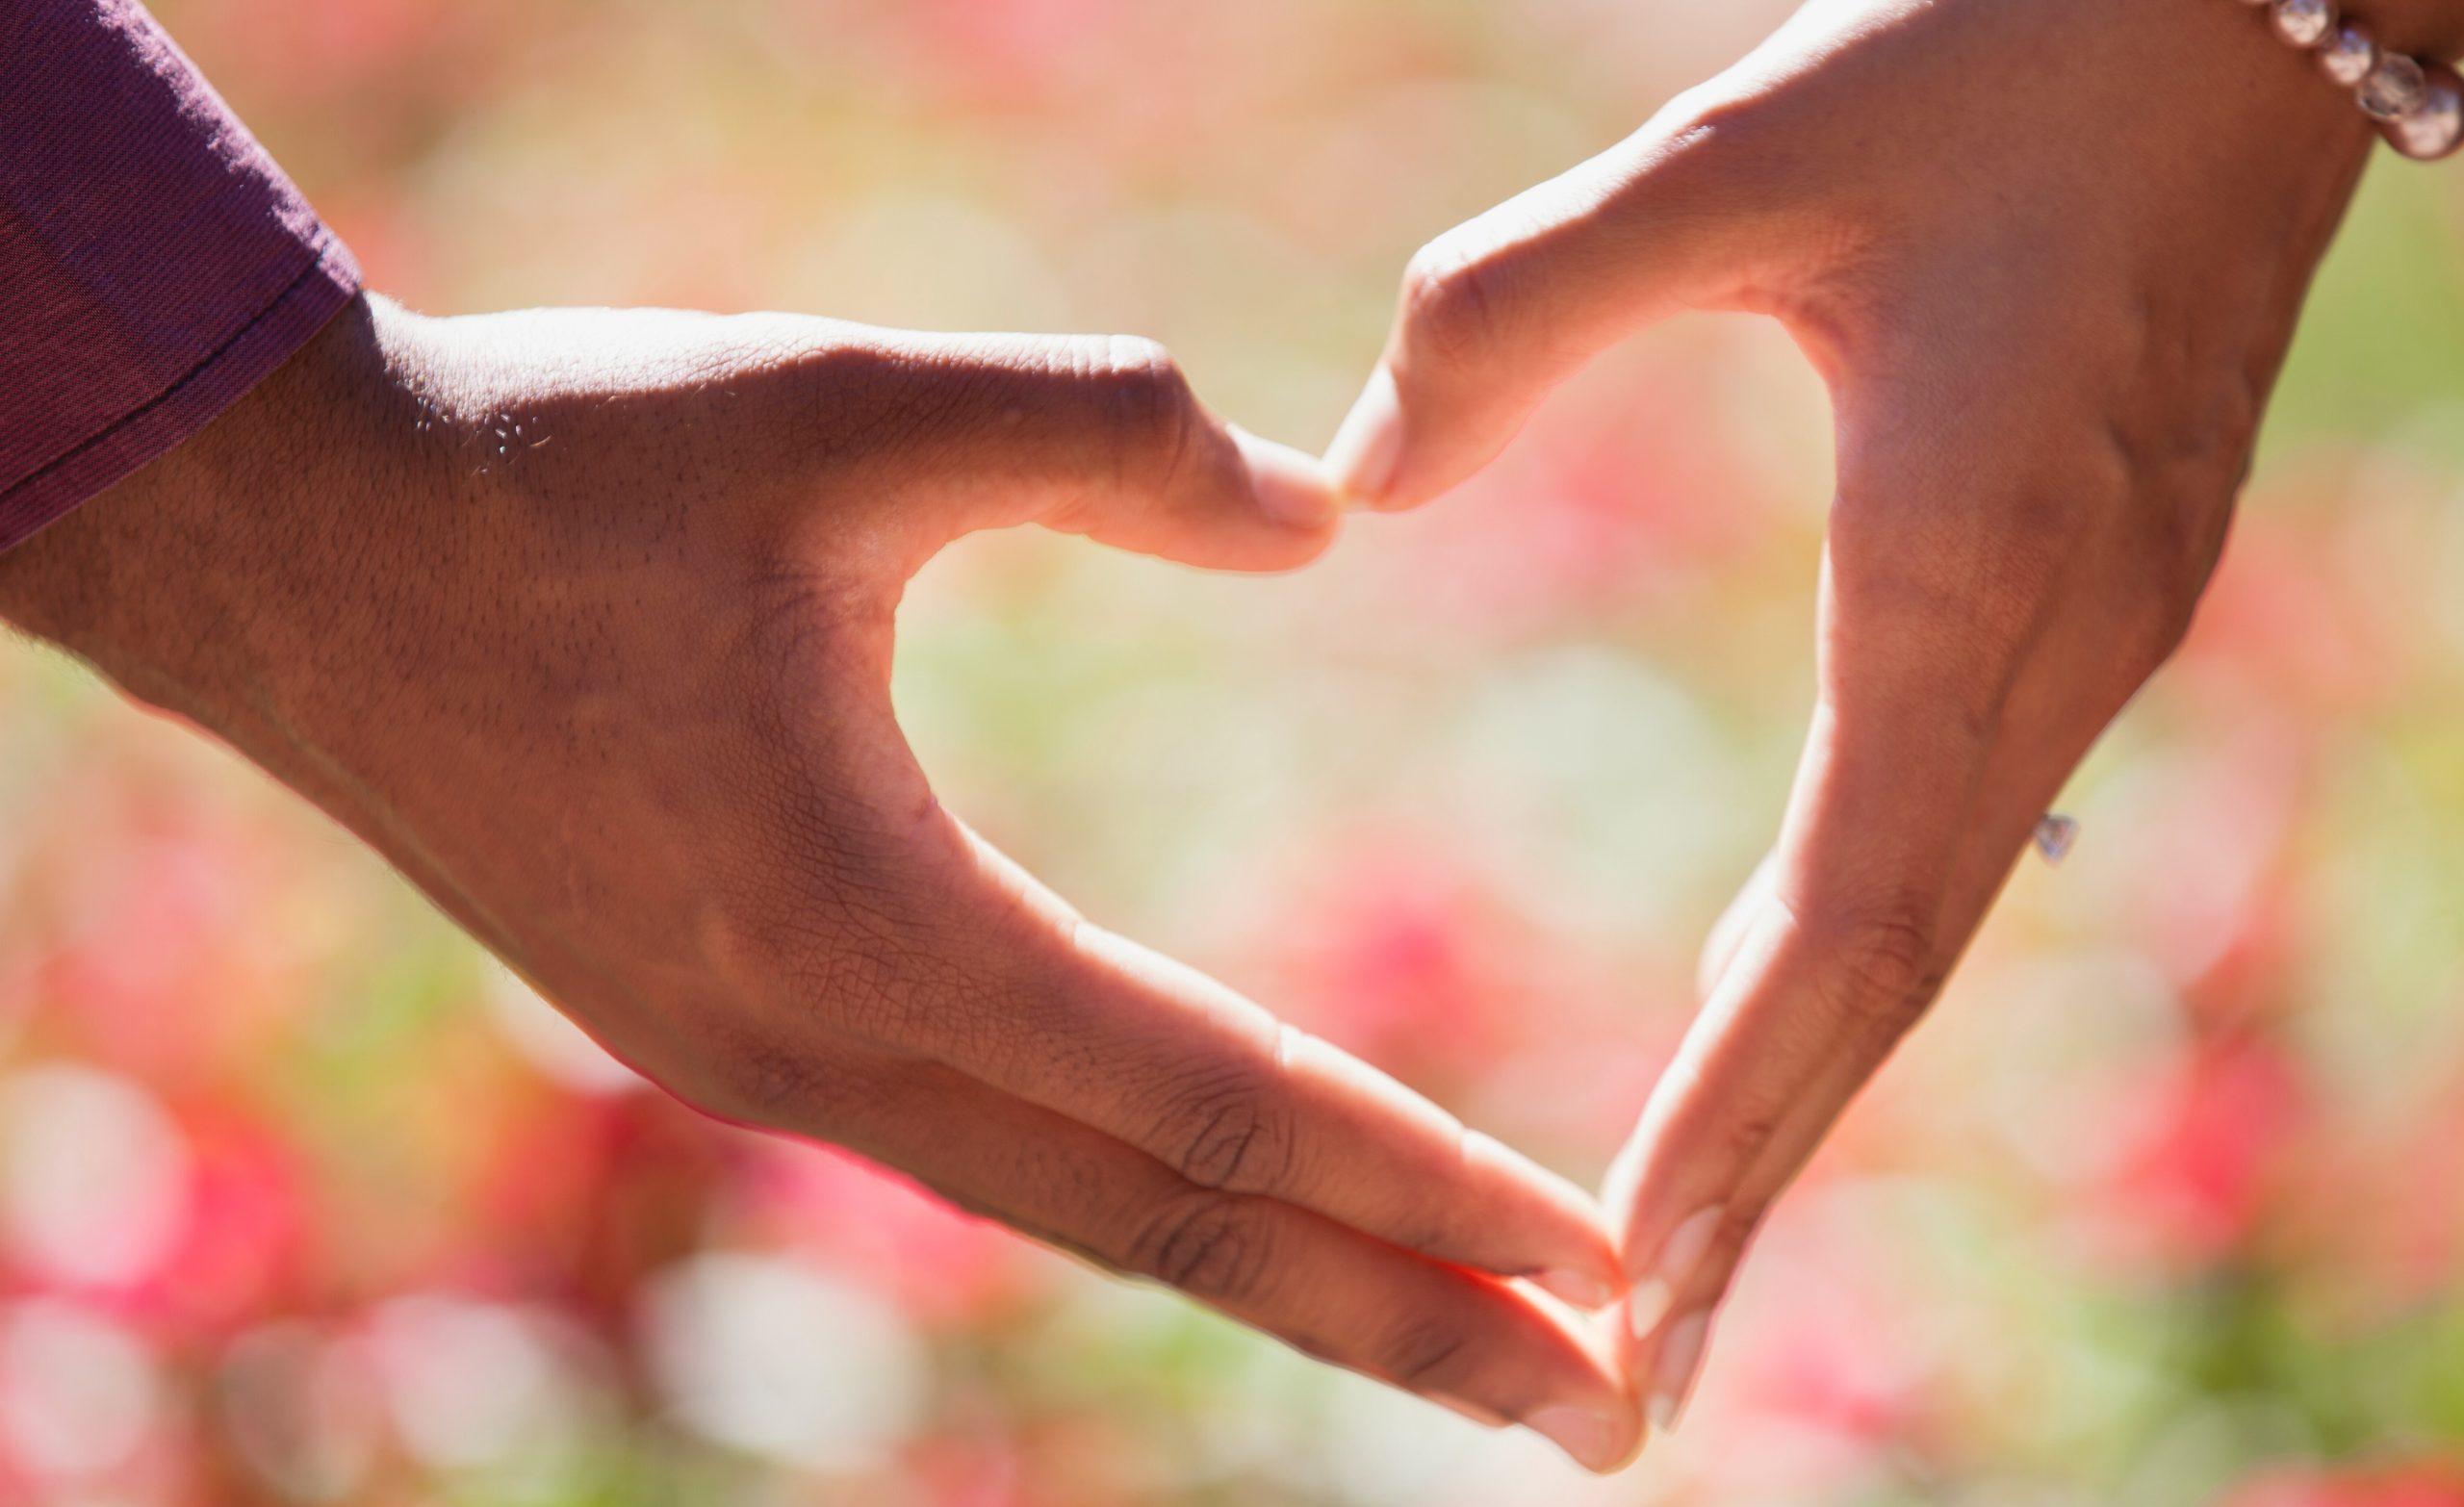 Look Here! Best Sexual Benefits of Open Relationships